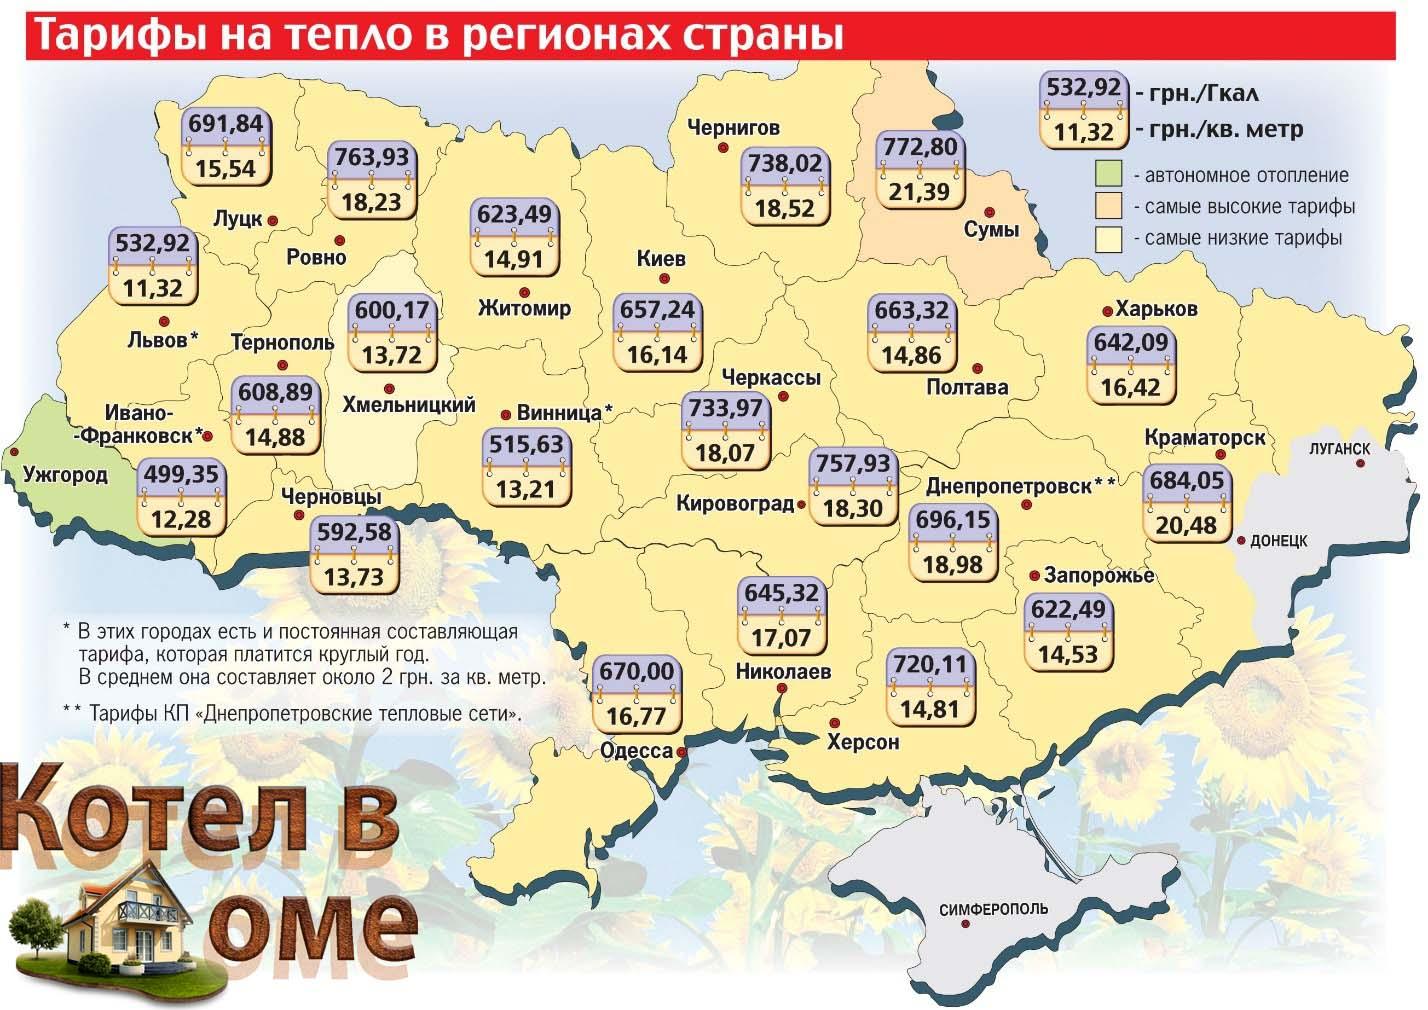 Цена централизованного отопления в областях Украины